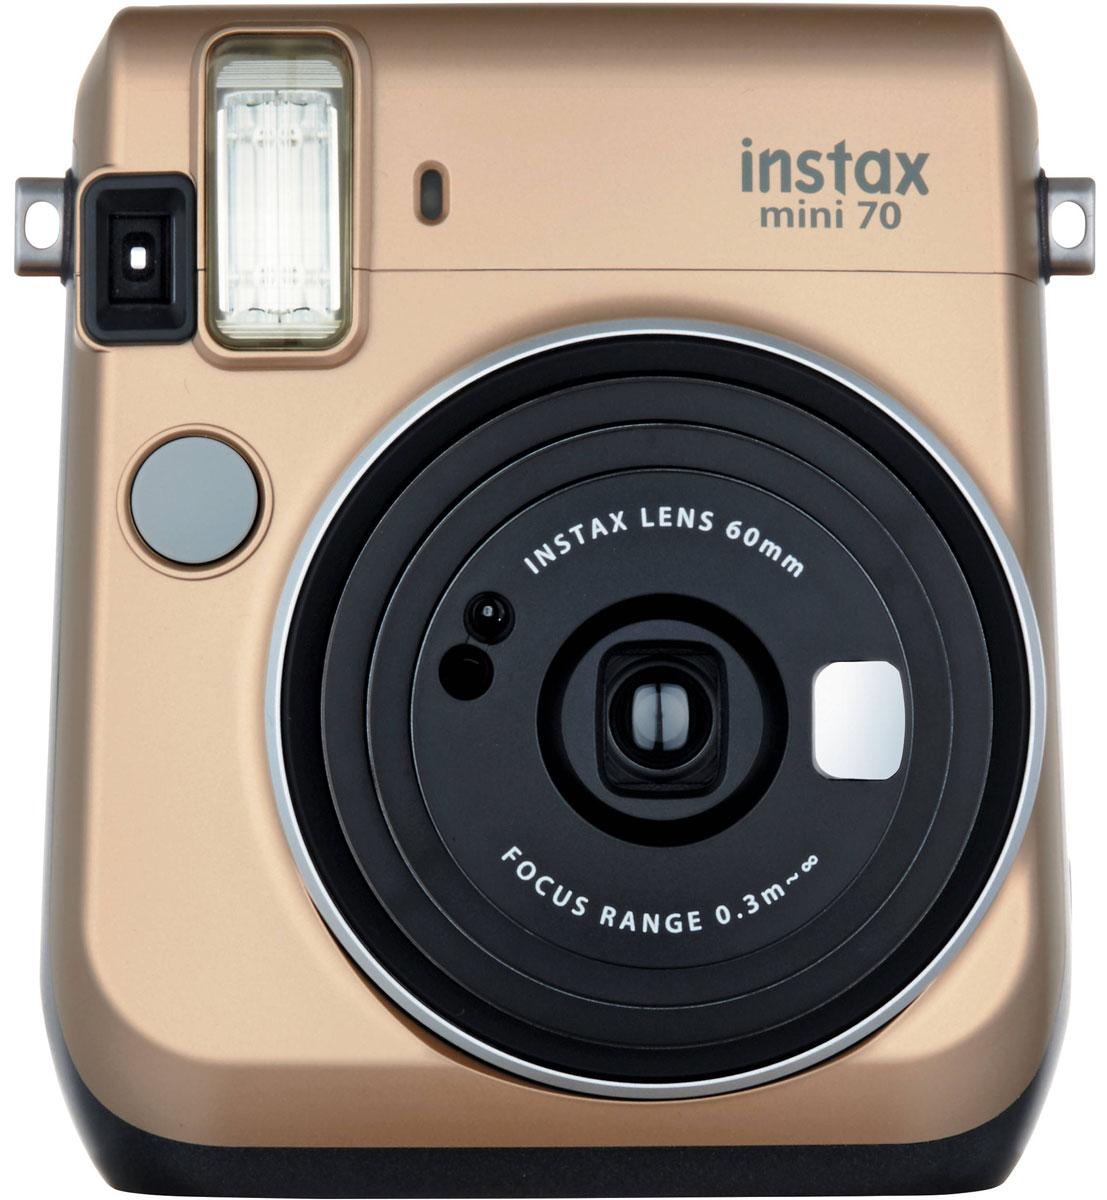 Fujifilm Instax Mini 70, Gold фотокамера мгновенной печати16513891С камерой Fujifilm Instax Mini 70 вы превратите серые будни в особенные дни, наполненные улыбками. Чтобыпроводить время весело, всегда и везде берите с собой этот стильный фотоаппарат.Главной особенностью камеры является функция автоматического контроля экспозиции, которая позволяетзапечатлеть, как объект съемки, так и фон в их естественной освещенности. Помимо этого Instax Mini 70 можетпохвастаться отдельным режимом съемки для создания cелфи.Использование режима selfie обеспечивает оптимальную яркость и расстояние для съемки автопортретов. Вытакже можете проверить кадрирование в специальном зеркальце рядом с объективом.Высокопроизводительная вспышка автоматически определяет яркость окружающего освещения и устанавливаетоптимальную выдержку - специальные настройки не требуются!С помощью функции Hi-Key можно запечатлеть яркие, красивые тона кожи. Также имеются режимы для съемкимакро и пейзажей. Для максимального удобства также предусмотрена заполняющая вспышка и стандартноештативное гнездо.Используемая фотопленка: Fujifilm Instax Mini Размер фотографии: 62 х 46 мм Управление экспозицией: автоматическое Коррекция экспозиции: ±2/3 EV Питание: CR2/DL CR2 х 2 Ресурс батарей: 30 упаковок фотобумаги (по результатам исследований Fujifilm)